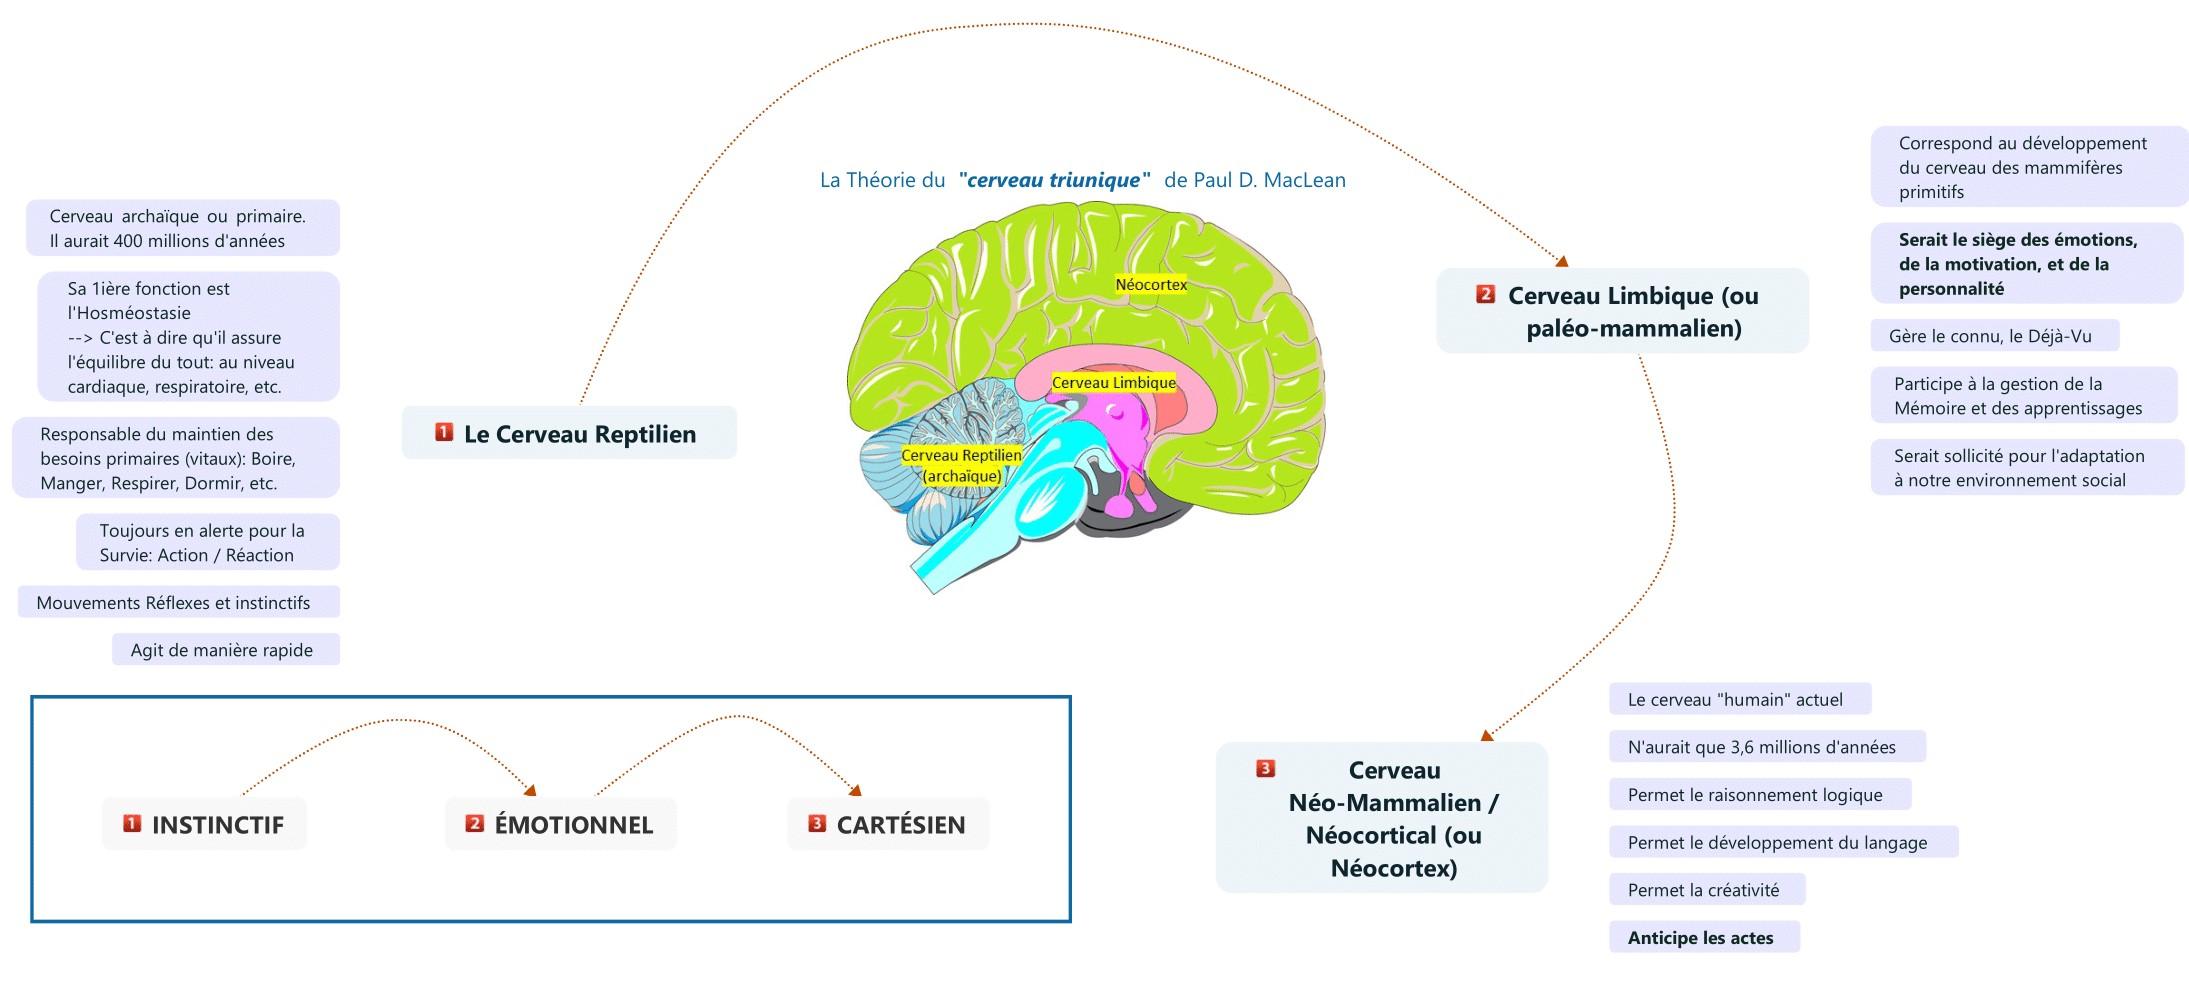 cerveau triunique de Paul D. MacLean